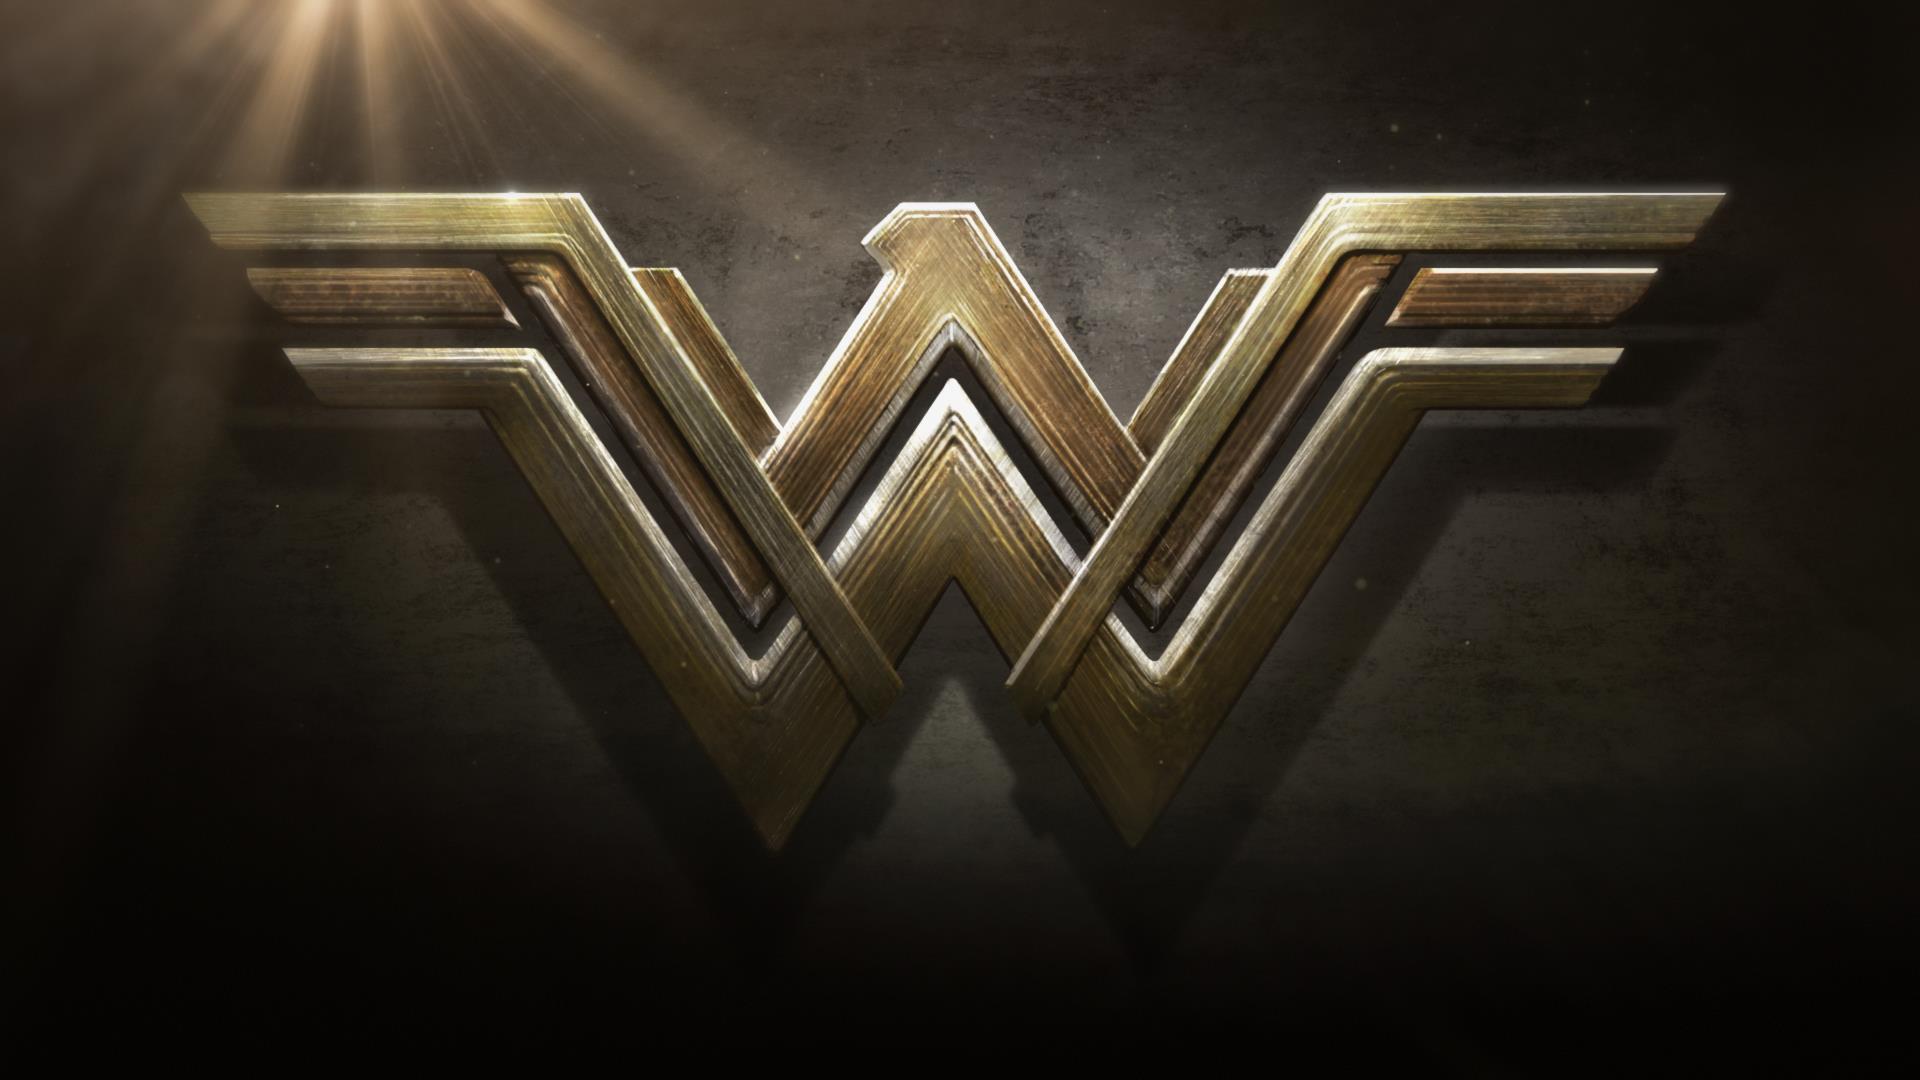 Wonder Woman Les premires images du film   Les Toiles 1920x1080